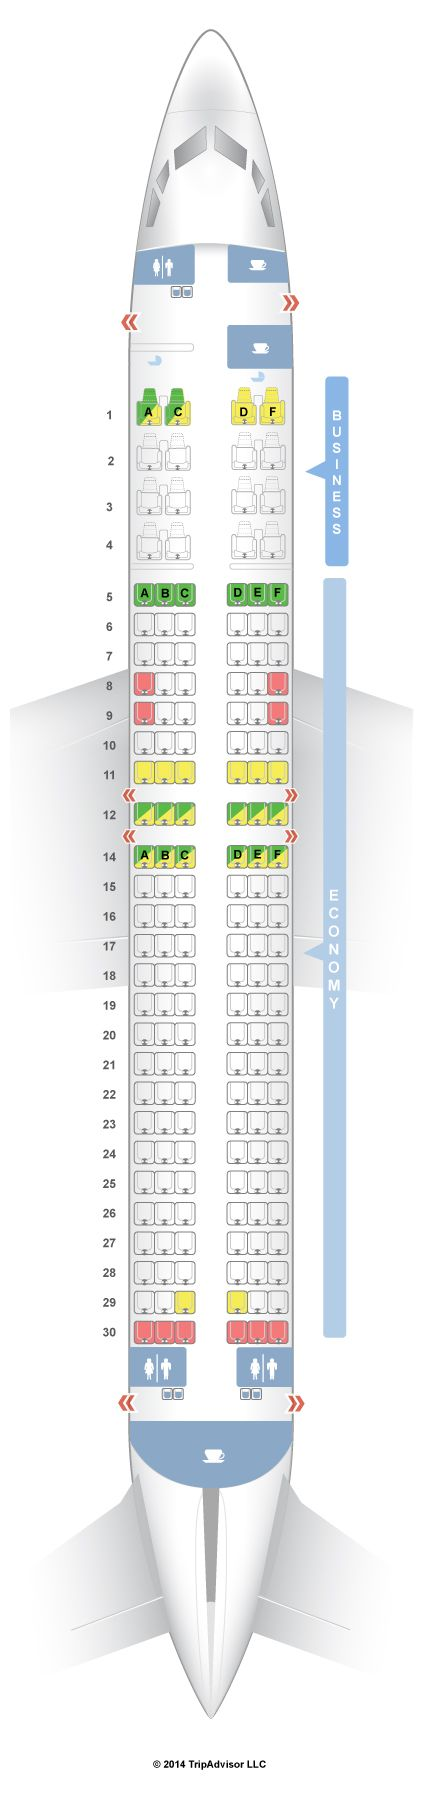 Flight Seating Plan Tui